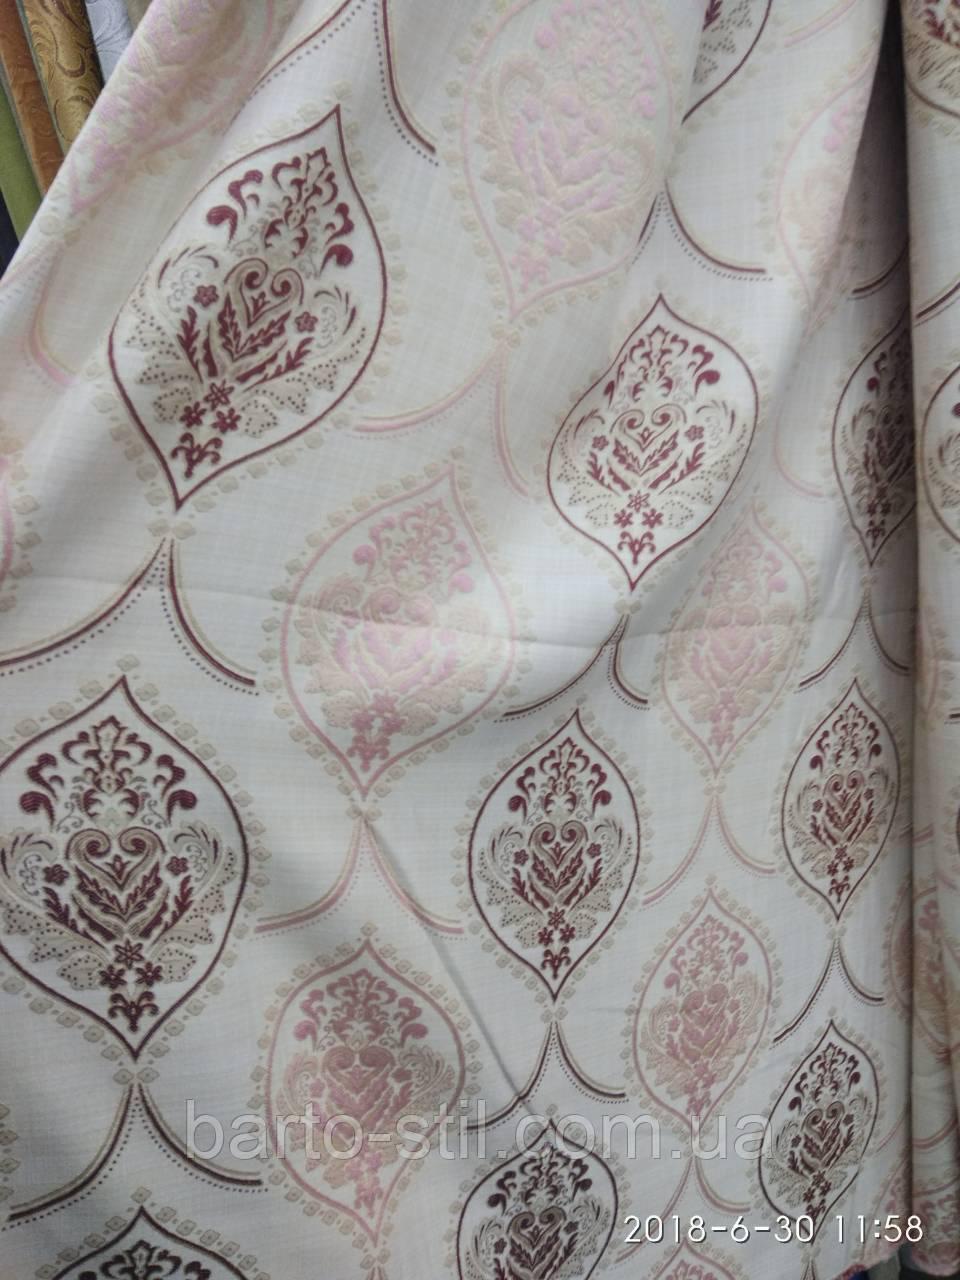 Портьера, ткань для пошива штор лен с вышивкой, высота 2.8 м